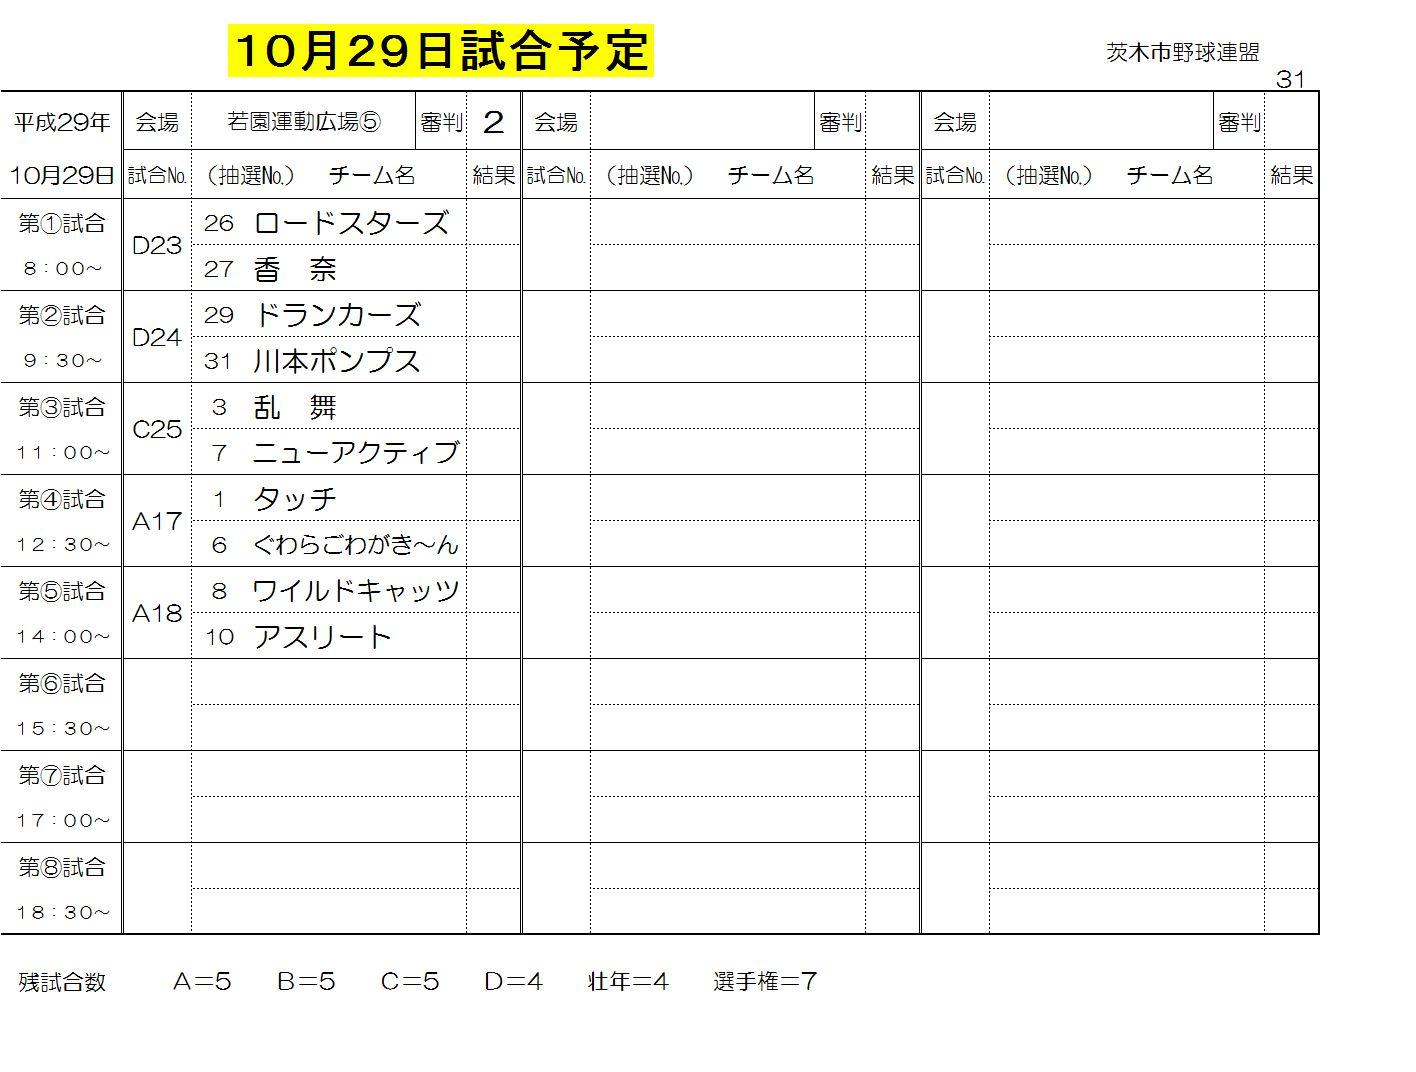 10月29日試合予定